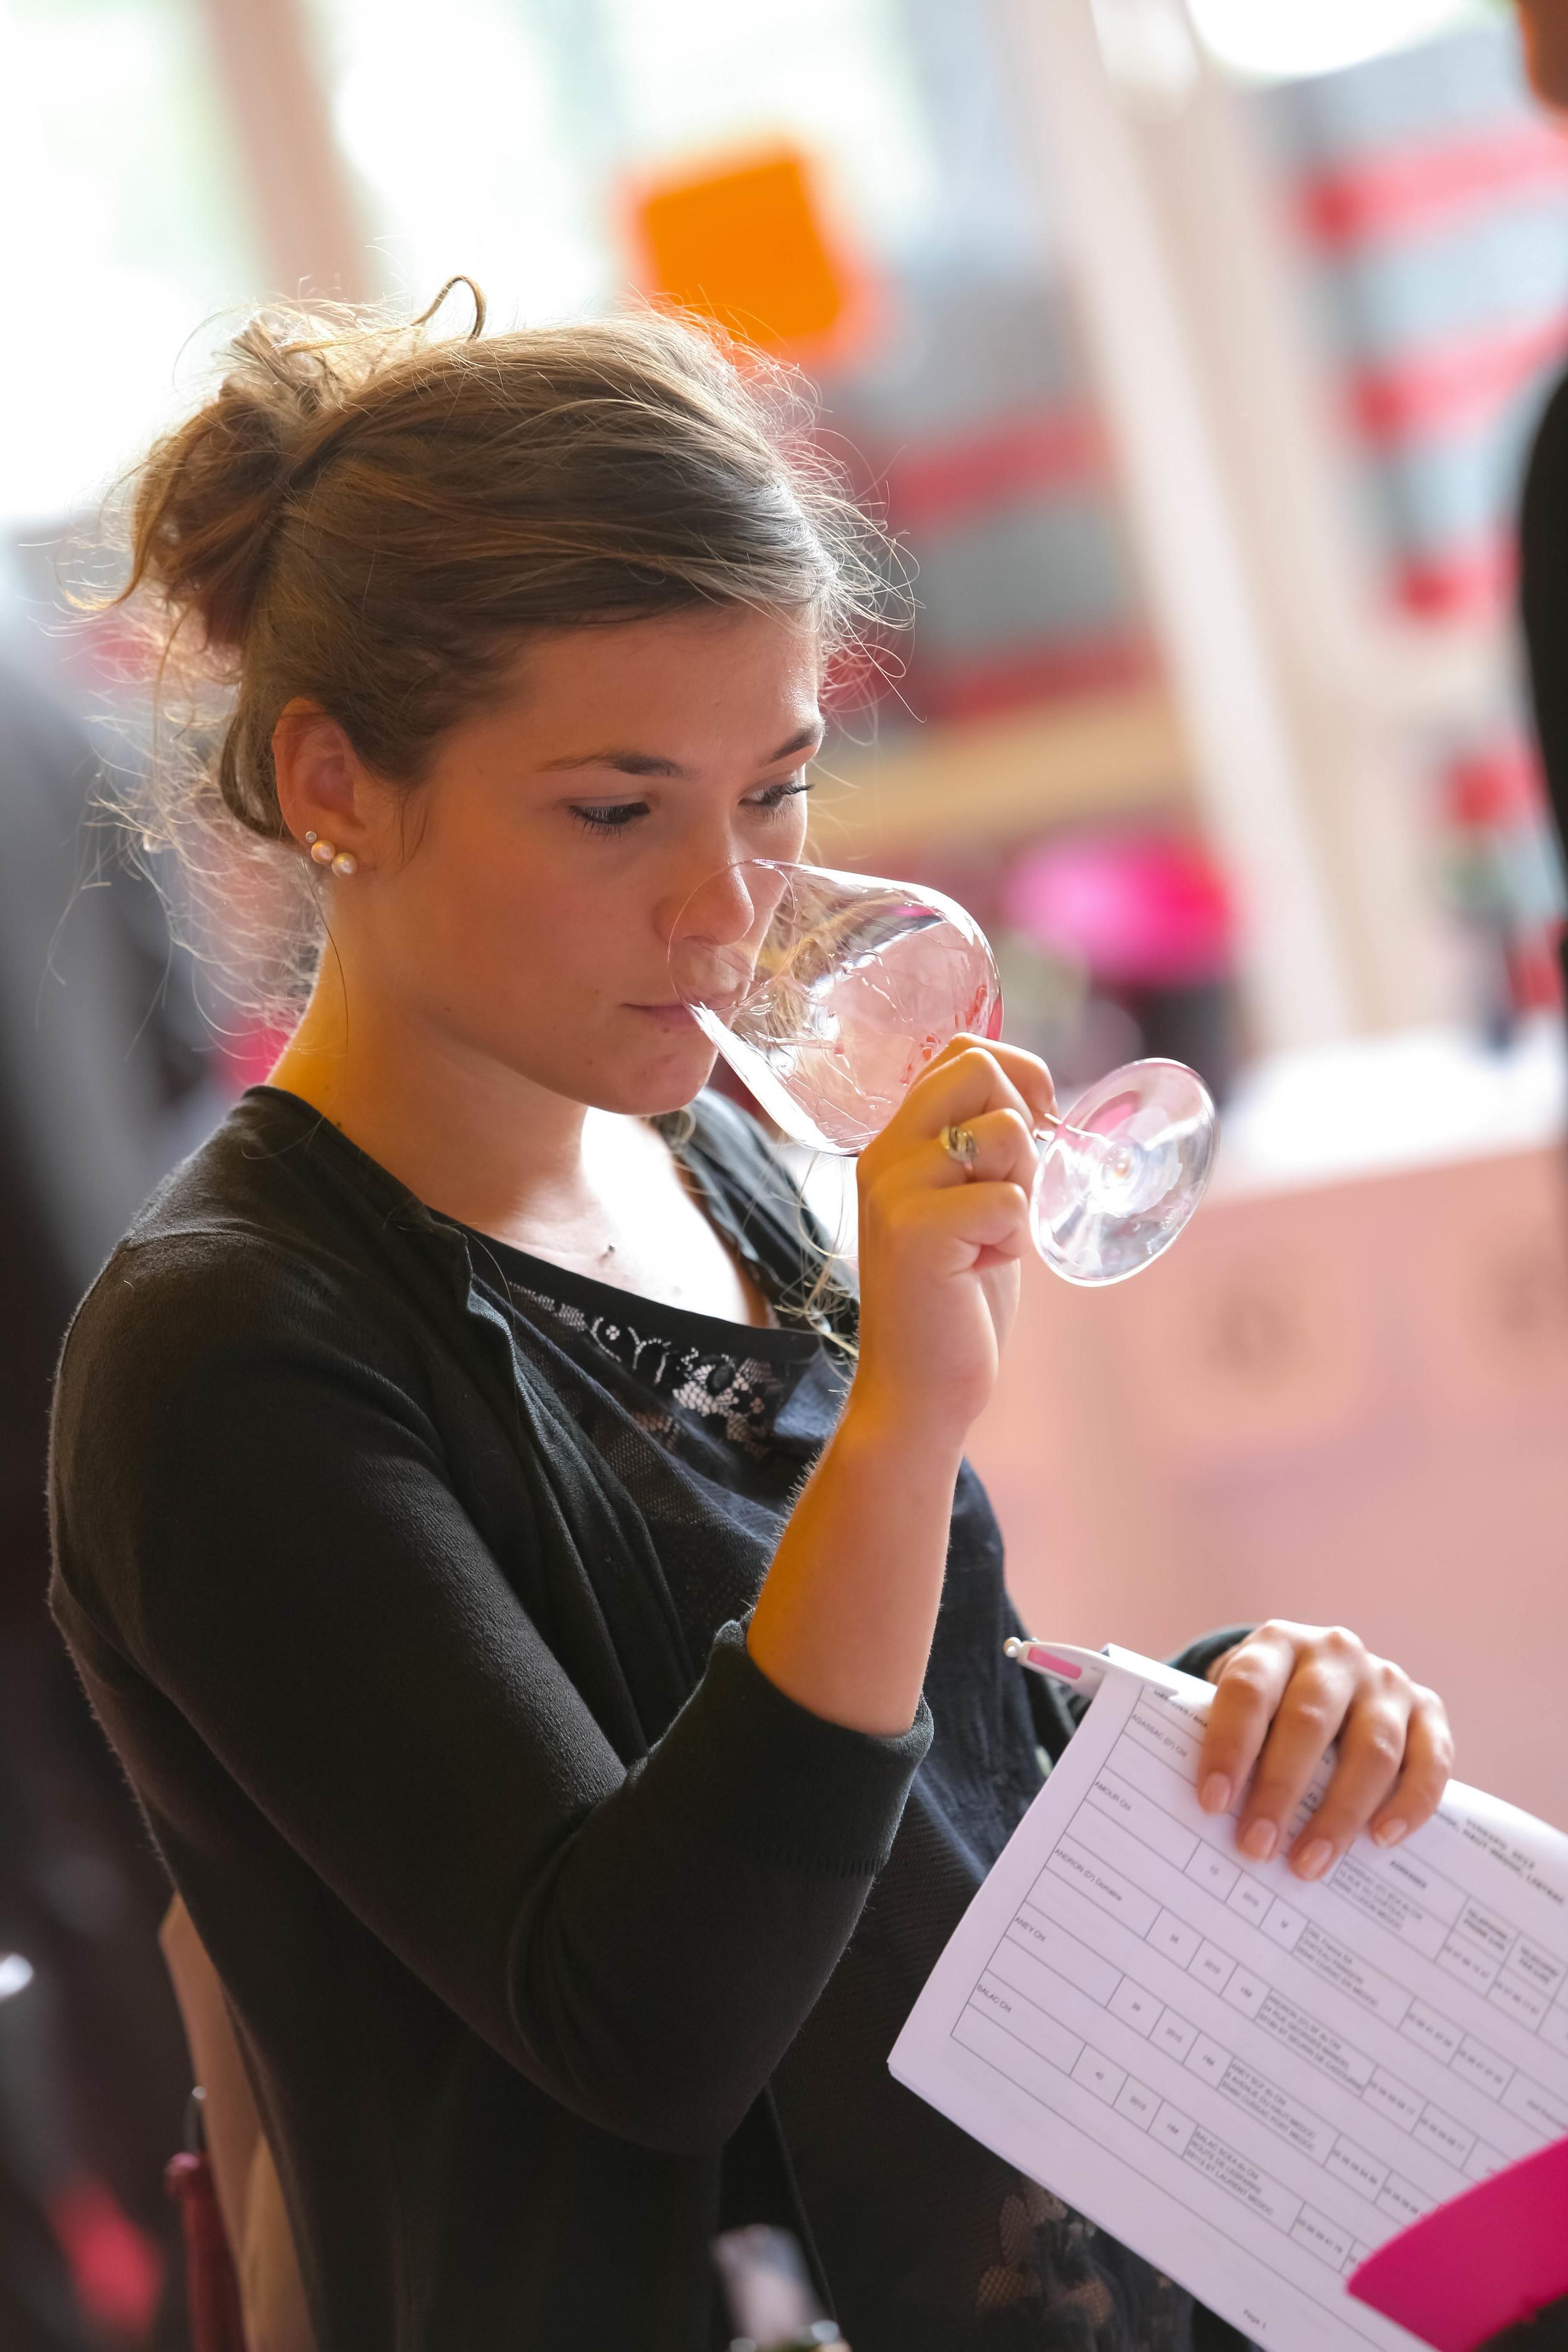 Las catas de vinos en Vinexpo involucran a unos 14.700 expertos de distintos países.